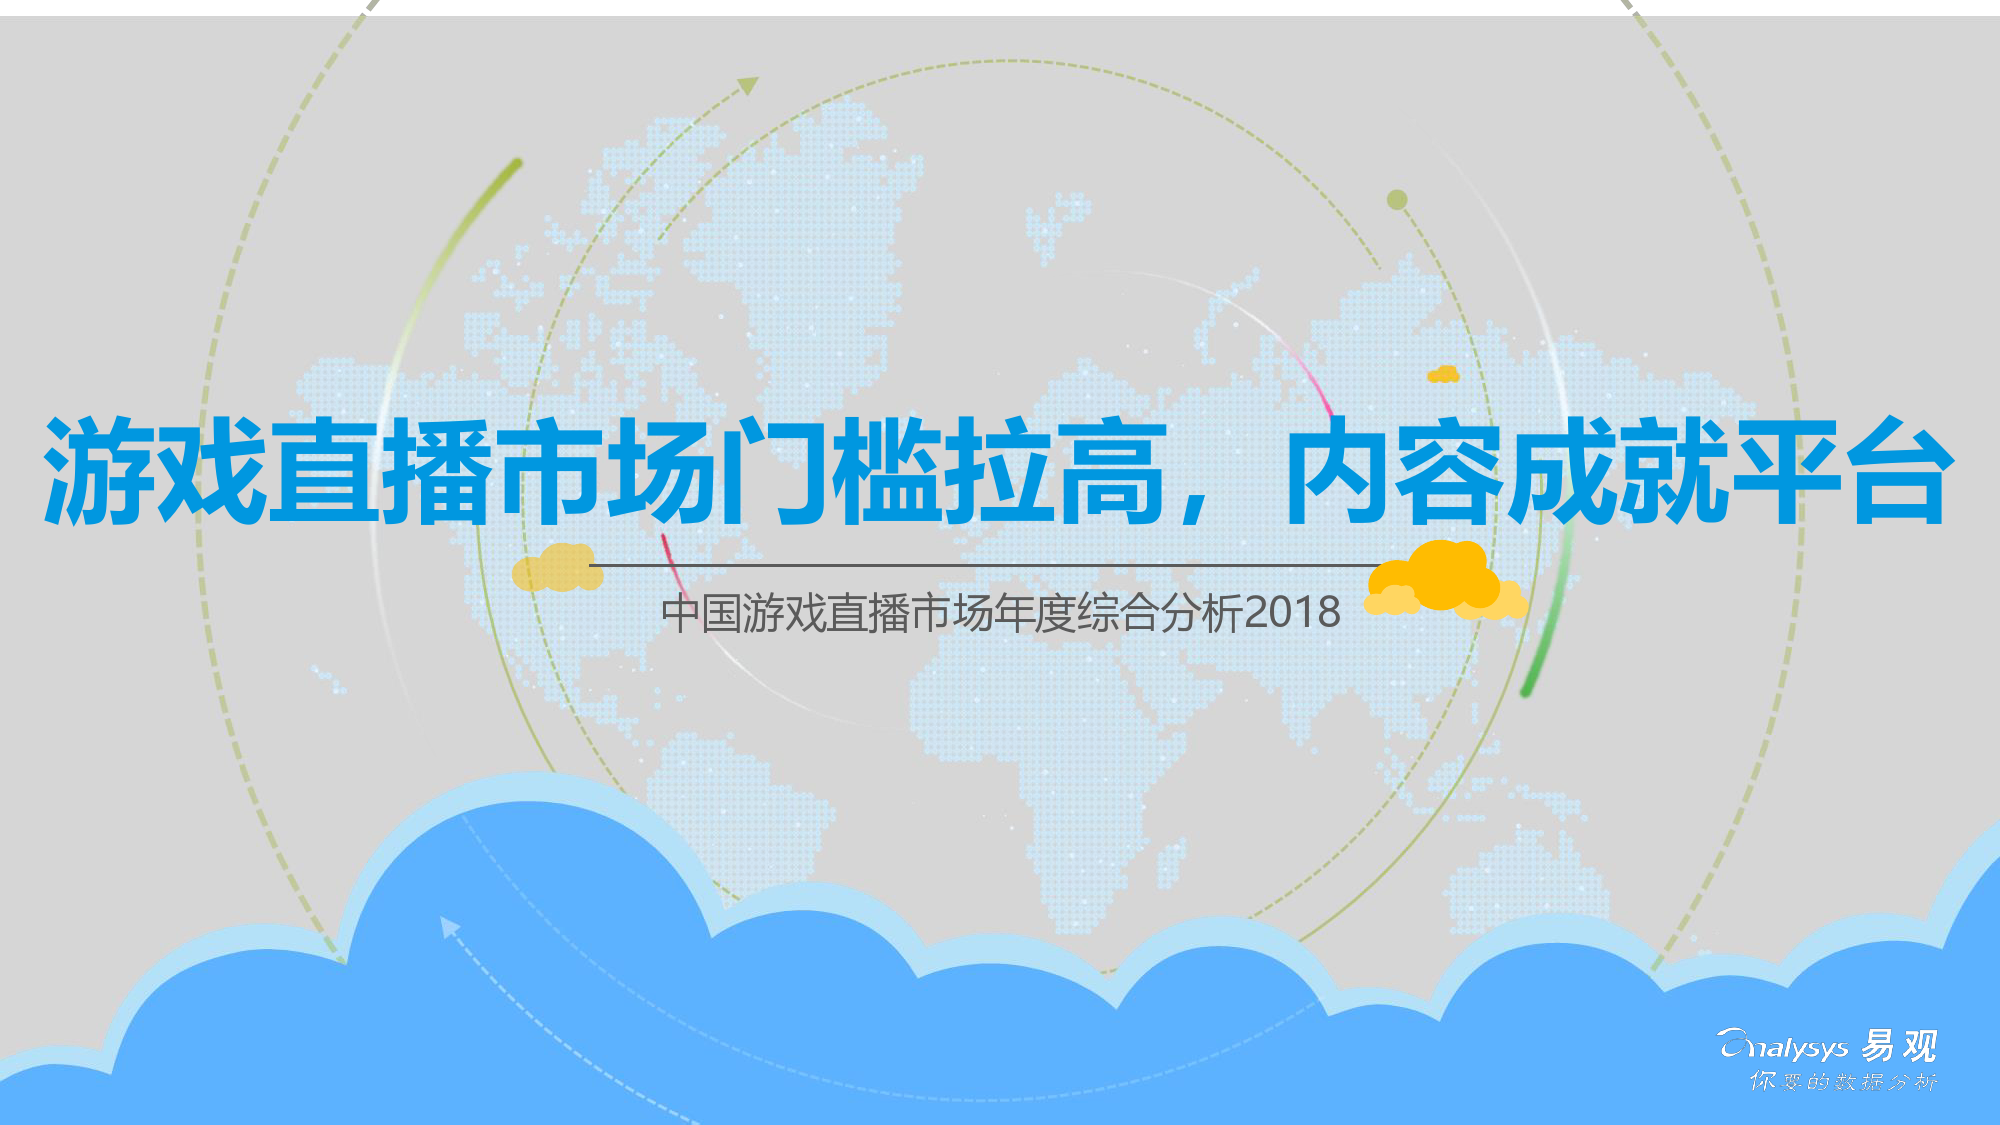 易观:2018中国游戏直播市场年度综合分析(附下载)